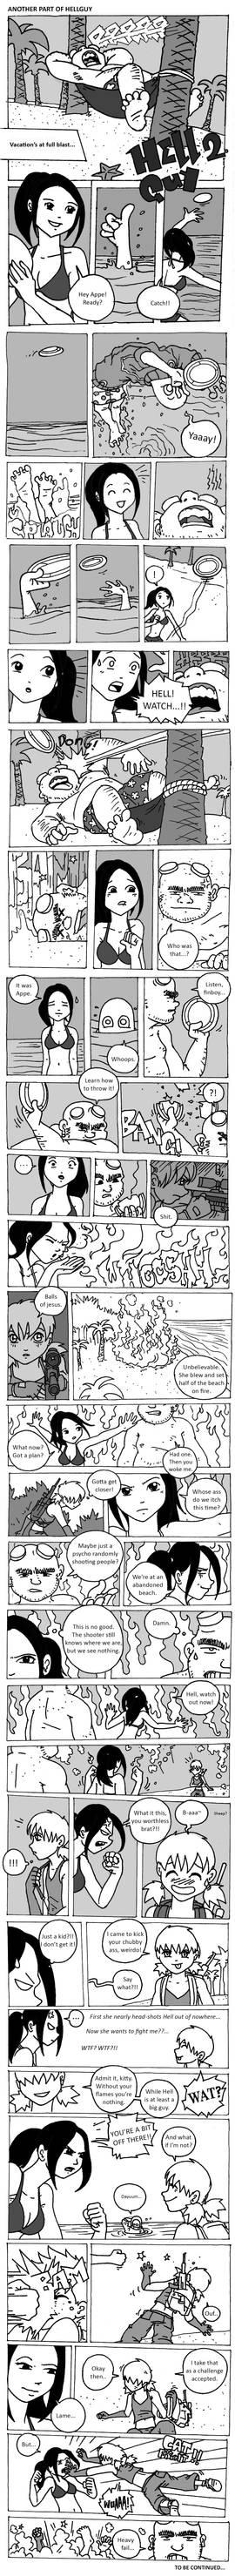 Hellguy Part7